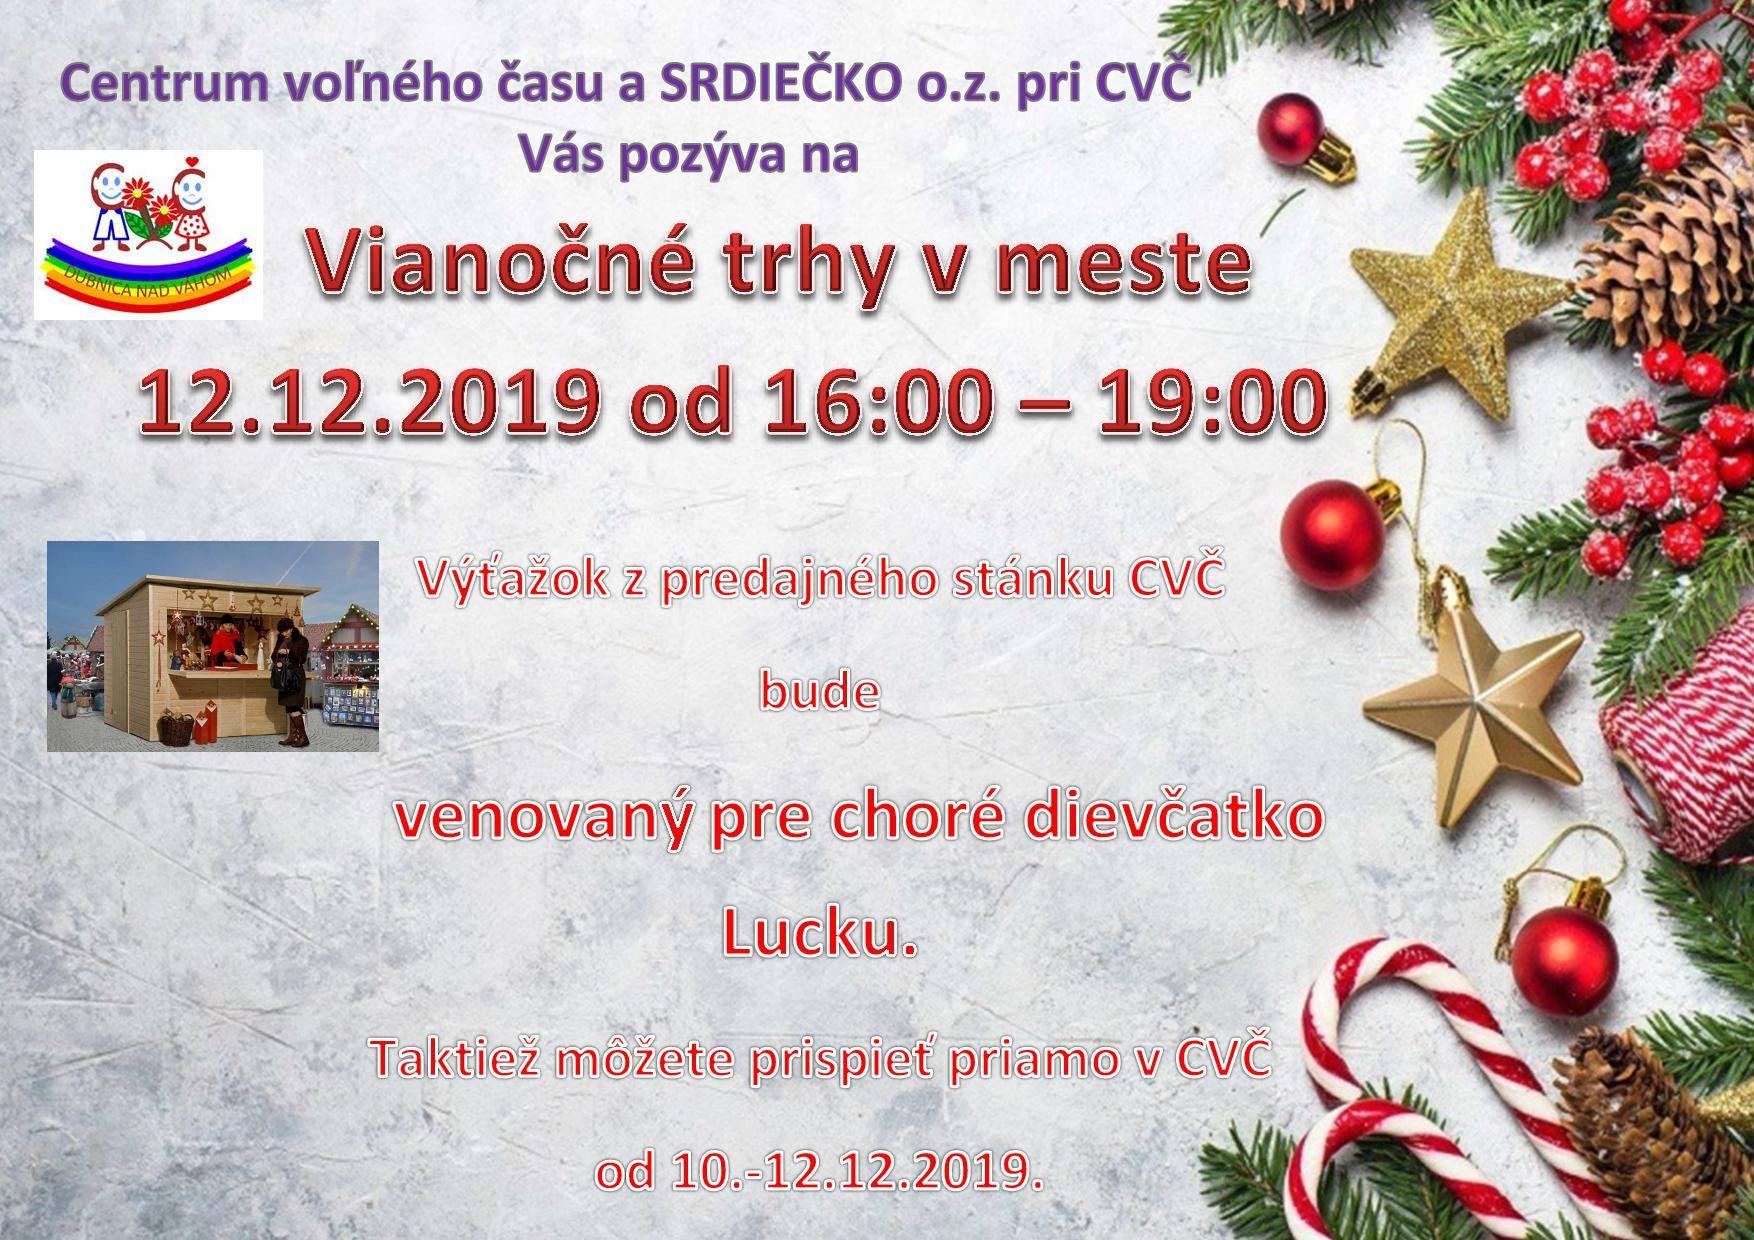 Vianočné trhy v meste - Cvč Dubnica nad Váhom